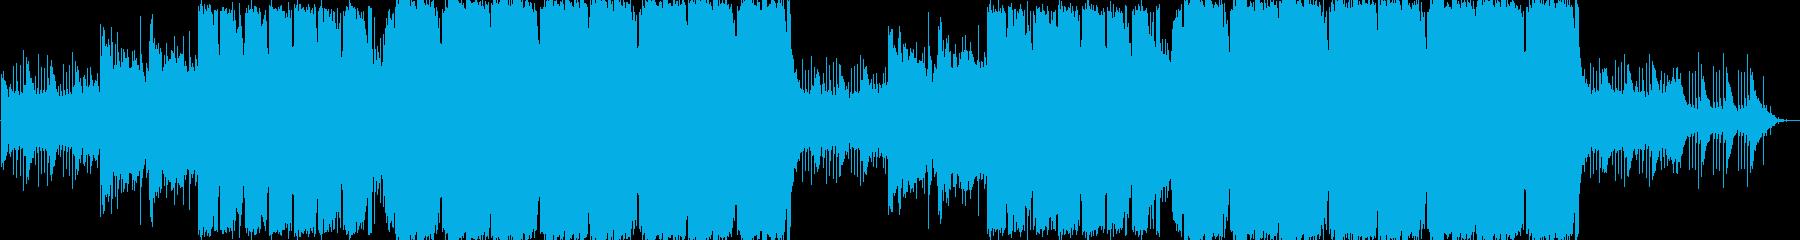 感動的で幸せな瞬間を演出するBGMの再生済みの波形